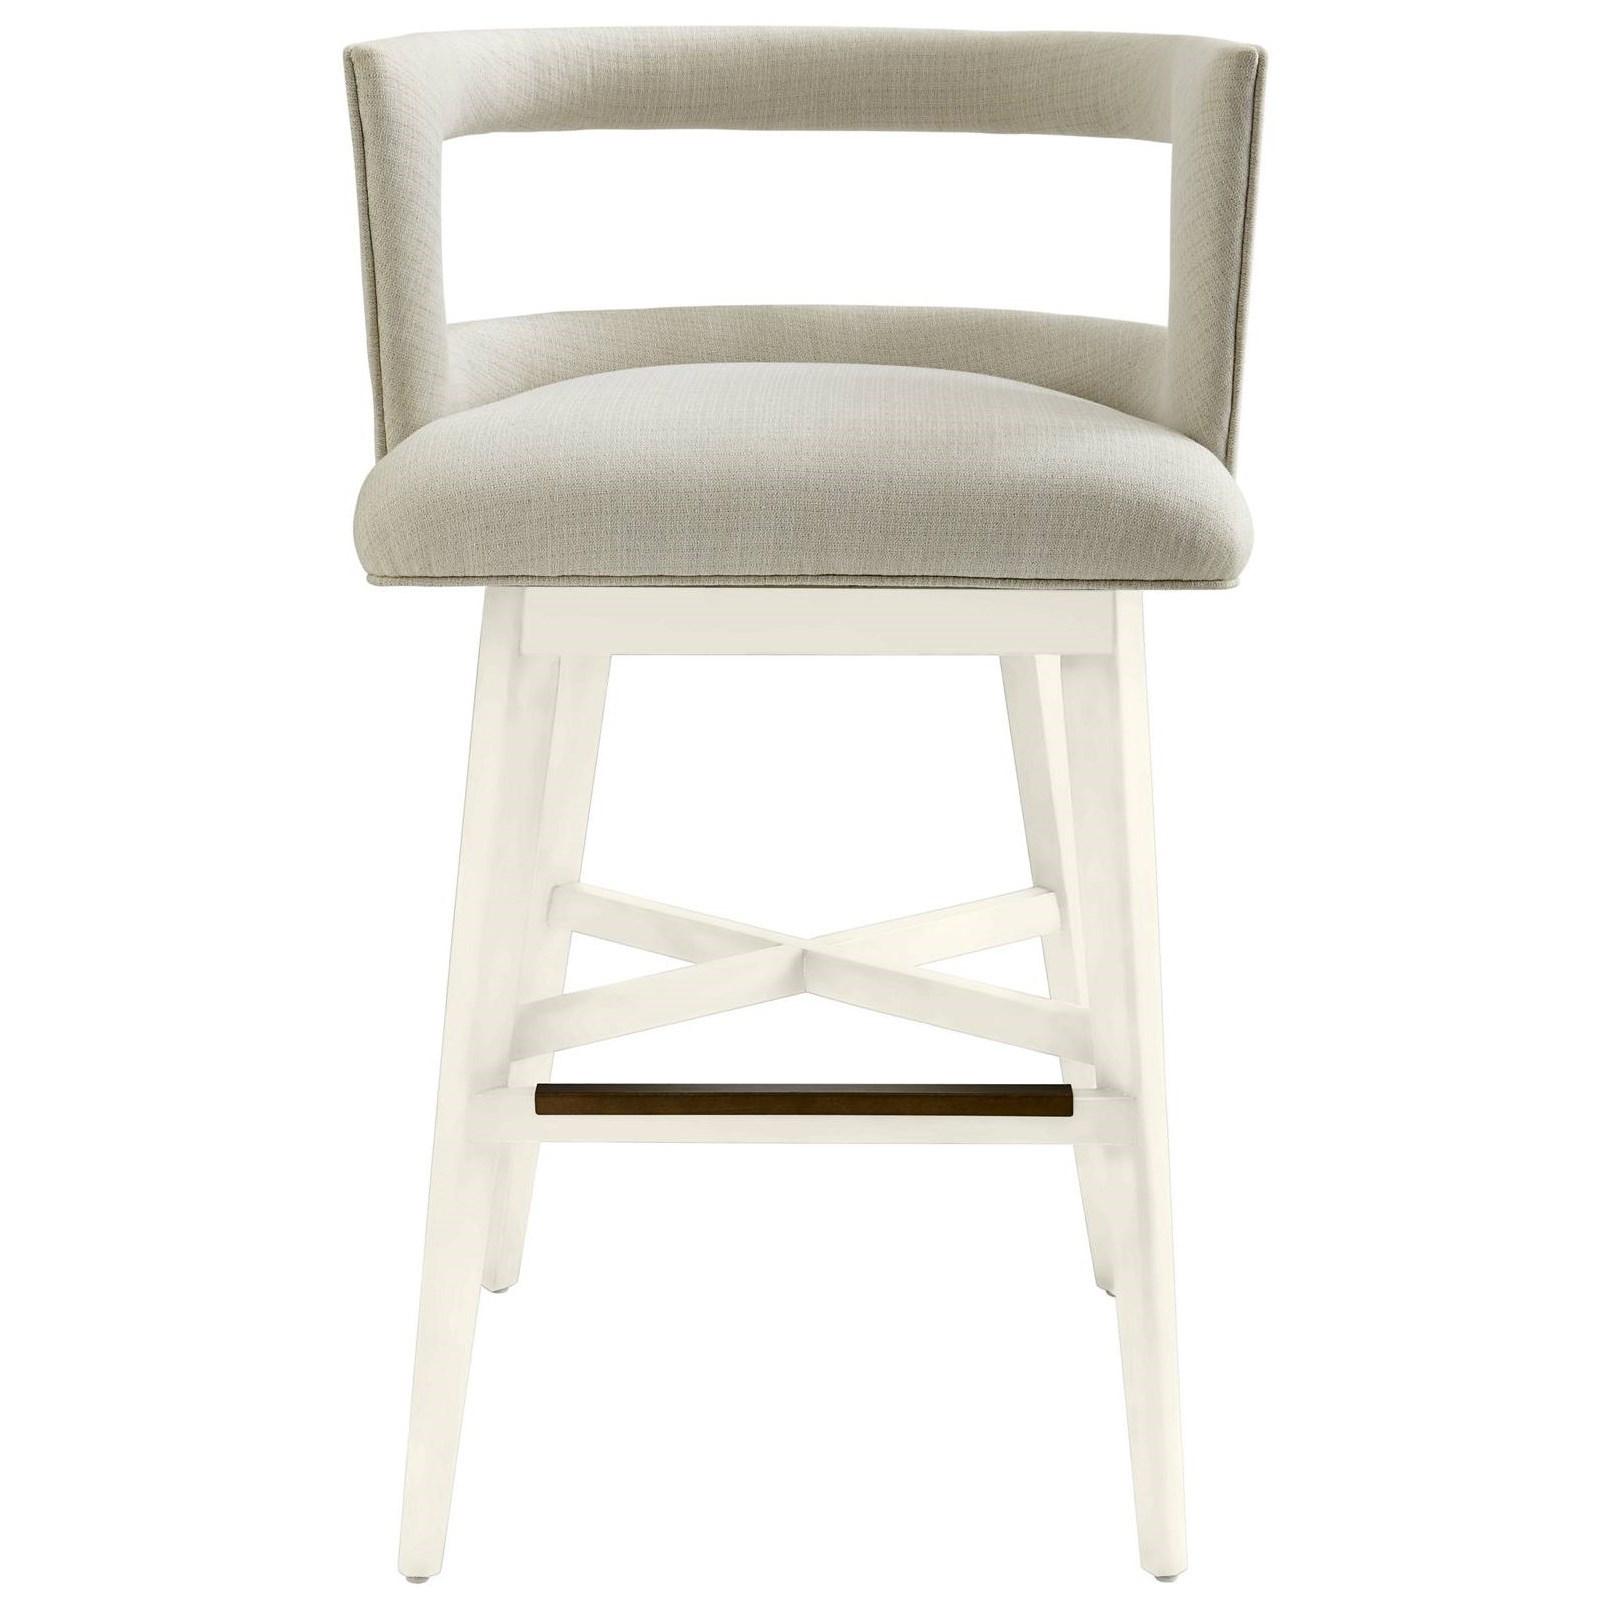 Stanley Furniture Coastal Living Oasis Crestwood Barstool - Item Number: 527-21-73